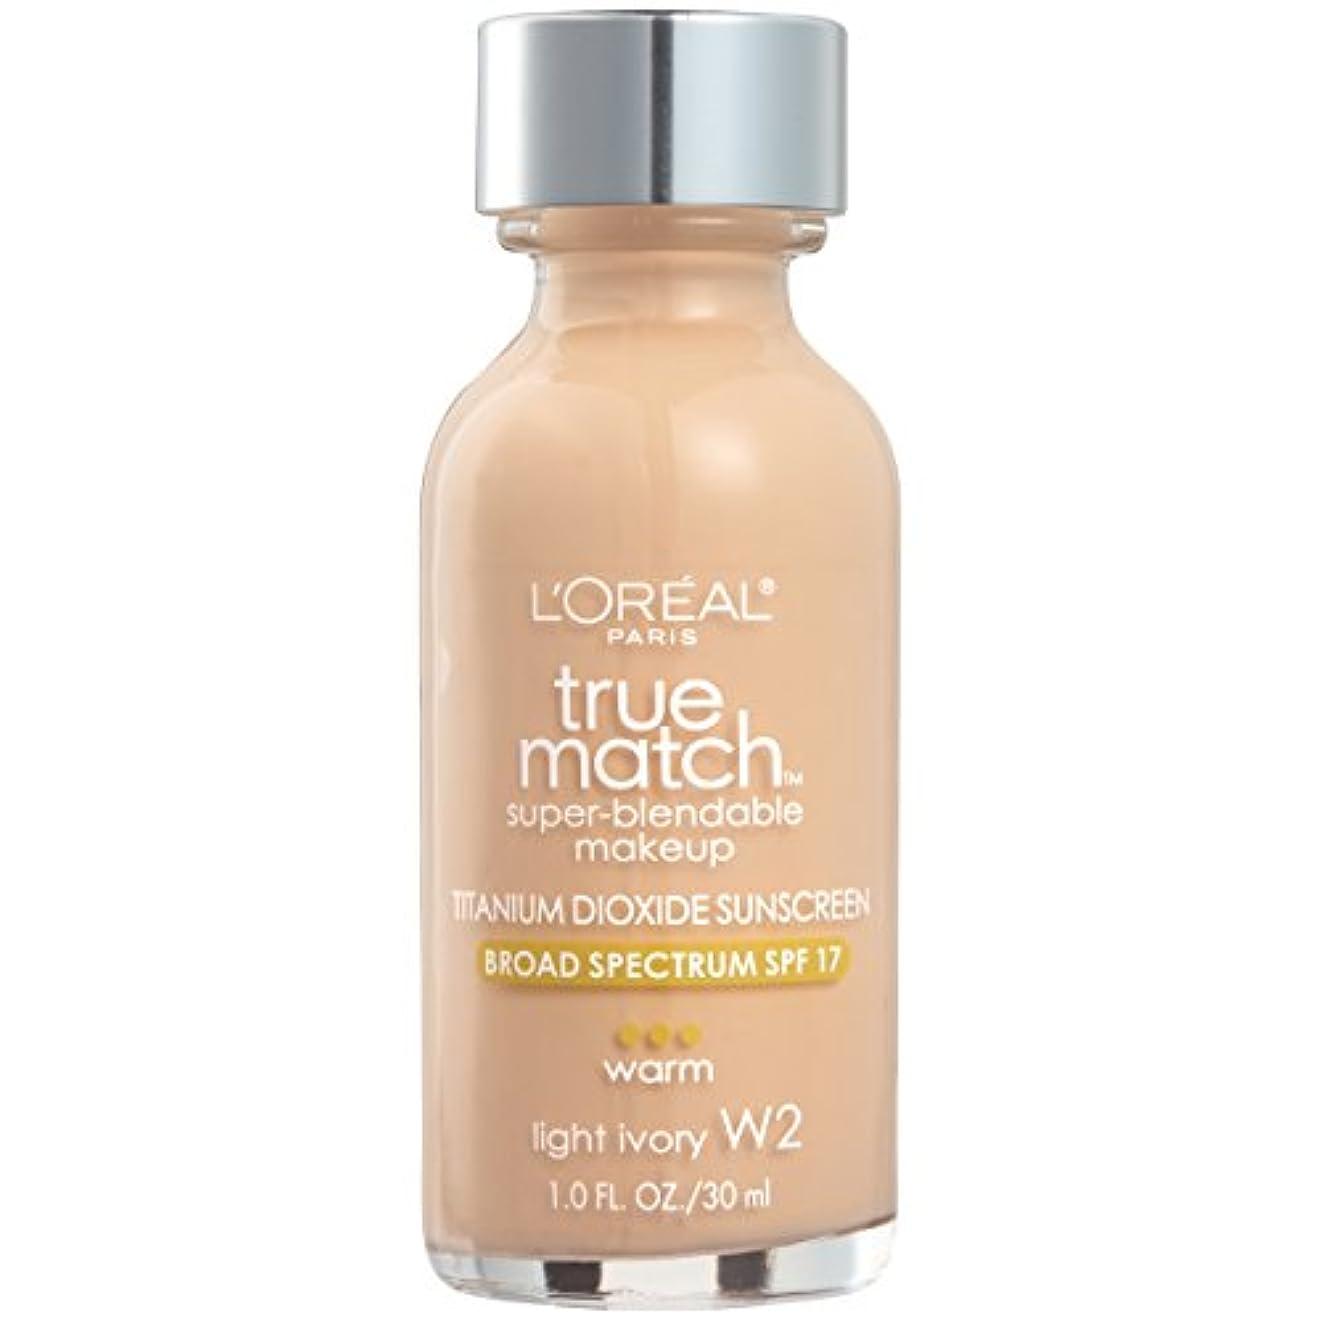 叫び声抵抗力がある代名詞L'Oréal True Match Super-Blendable Foundation Makeup (LIGHT IVORY)